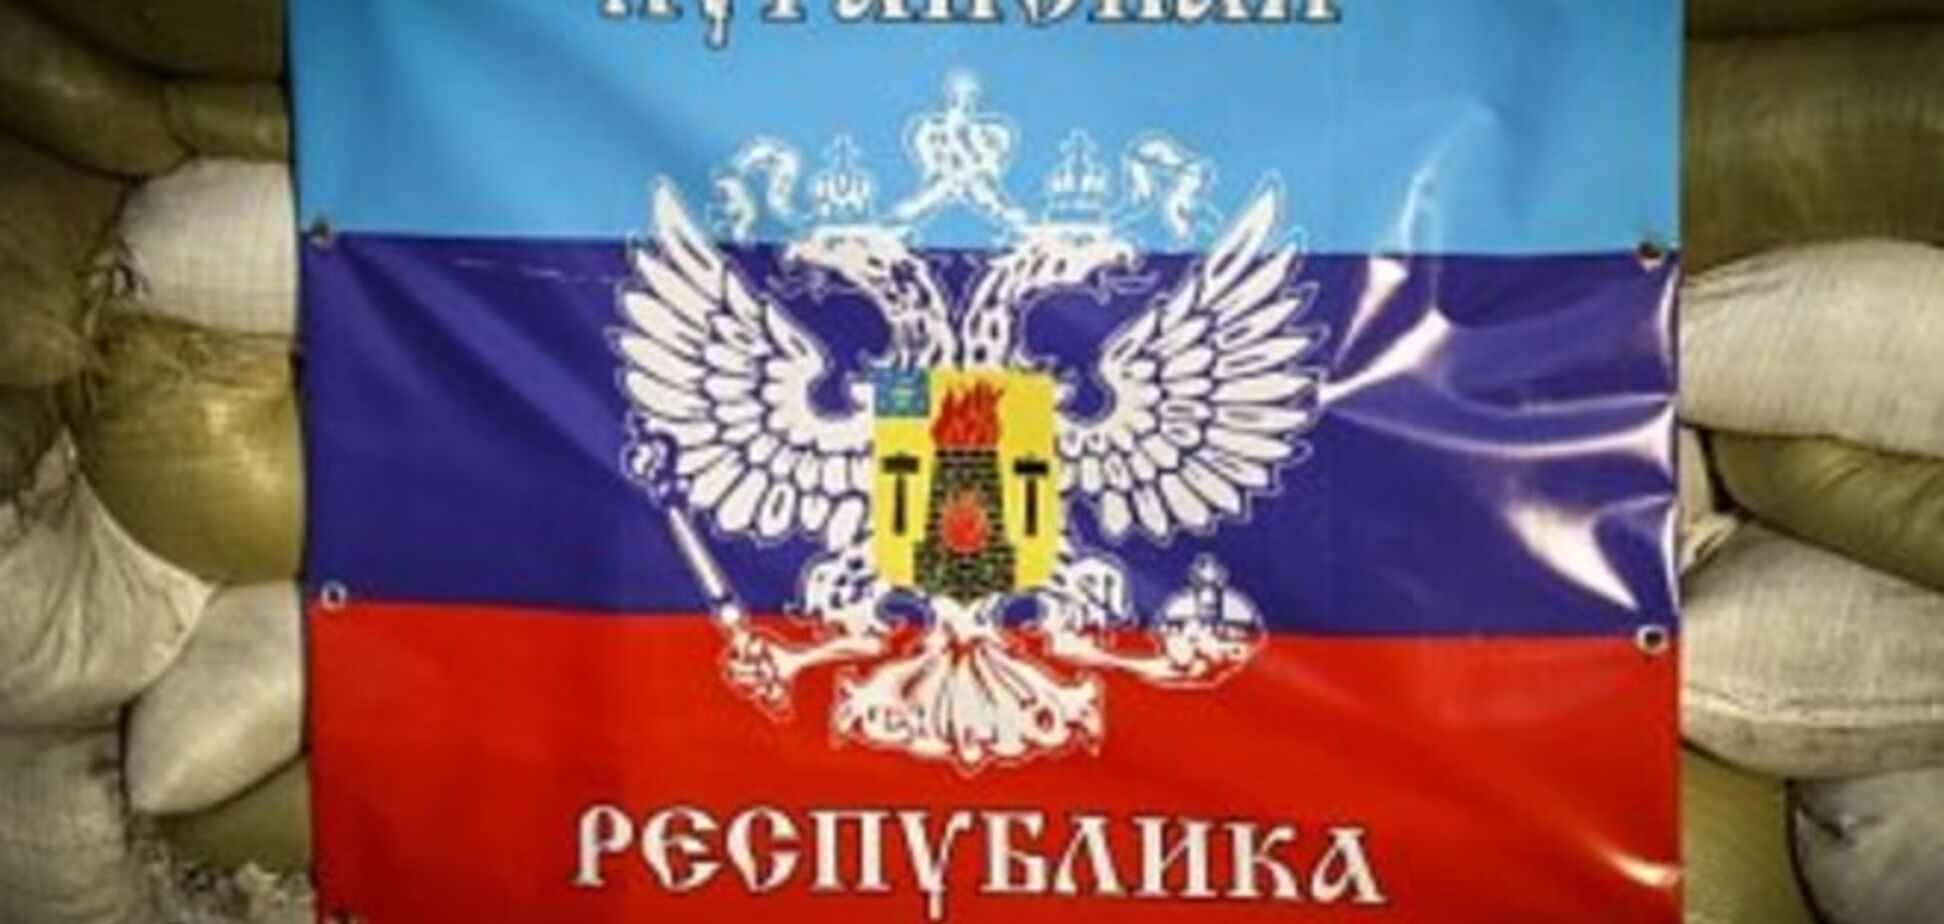 Часть Луганска осталась без воды из-за атак боевиков 'ЛНР'